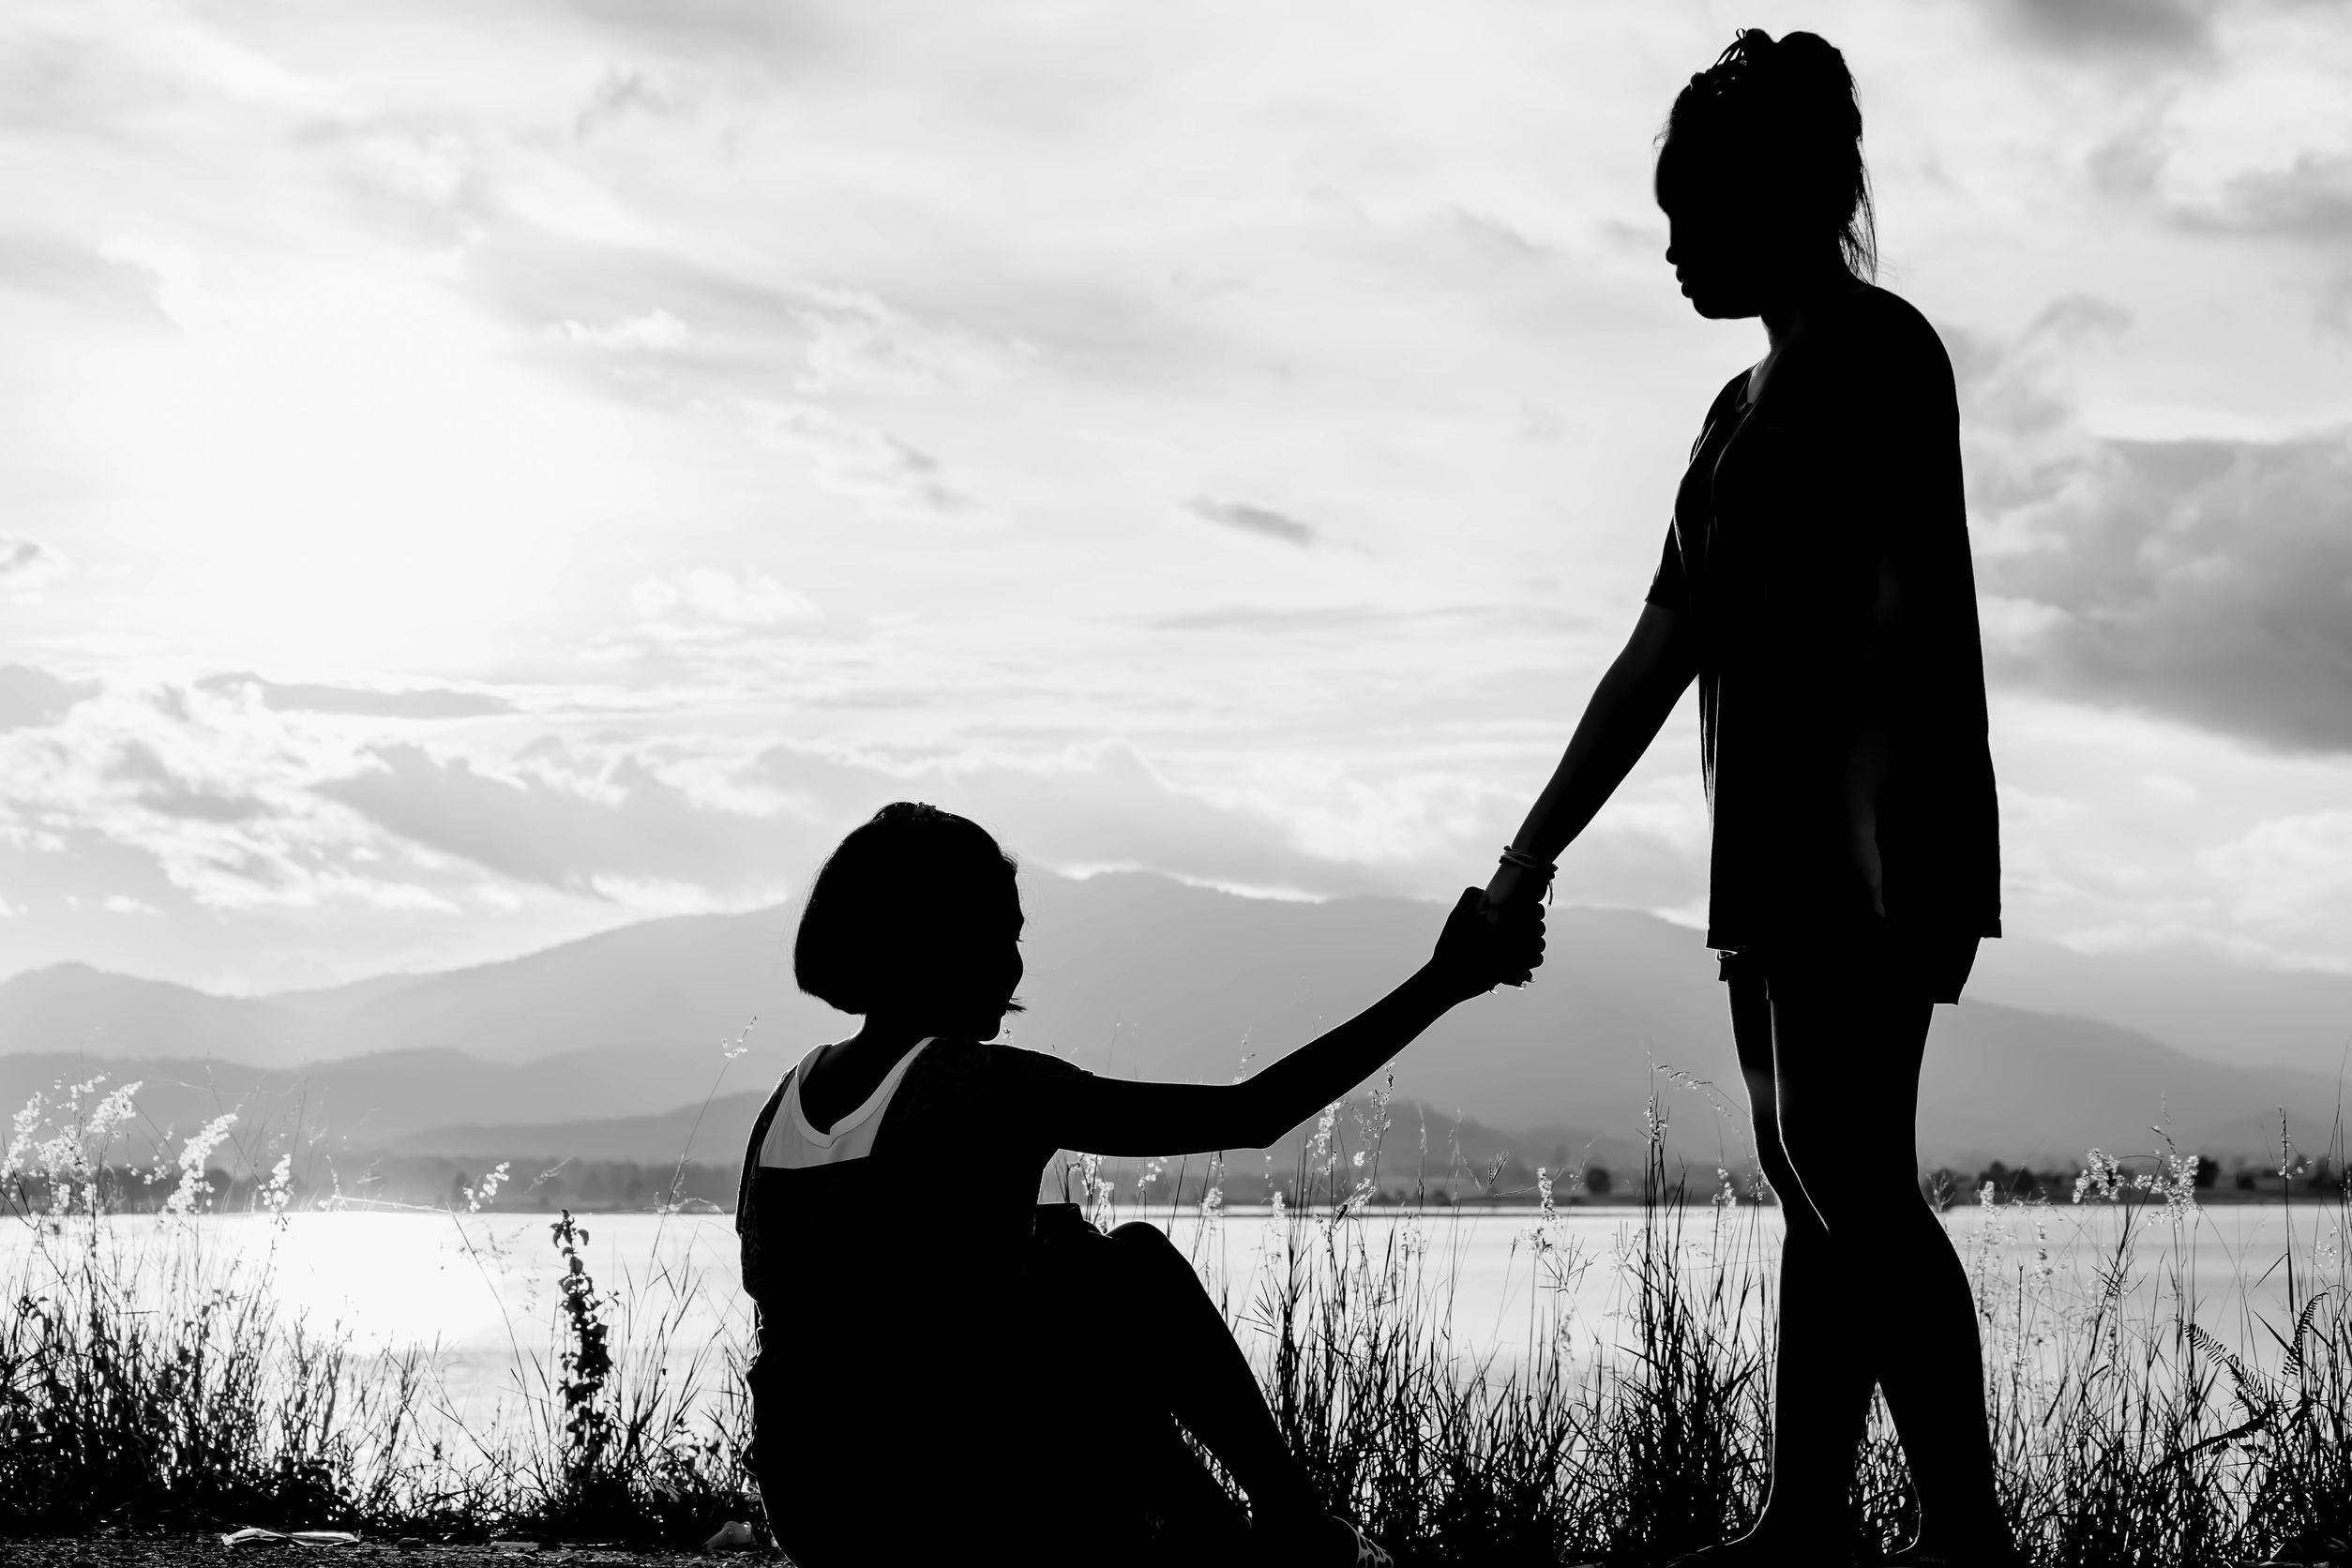 jovem menina ajuda outro menina a levantar, com lago ao fundo e vista de pôr do sol